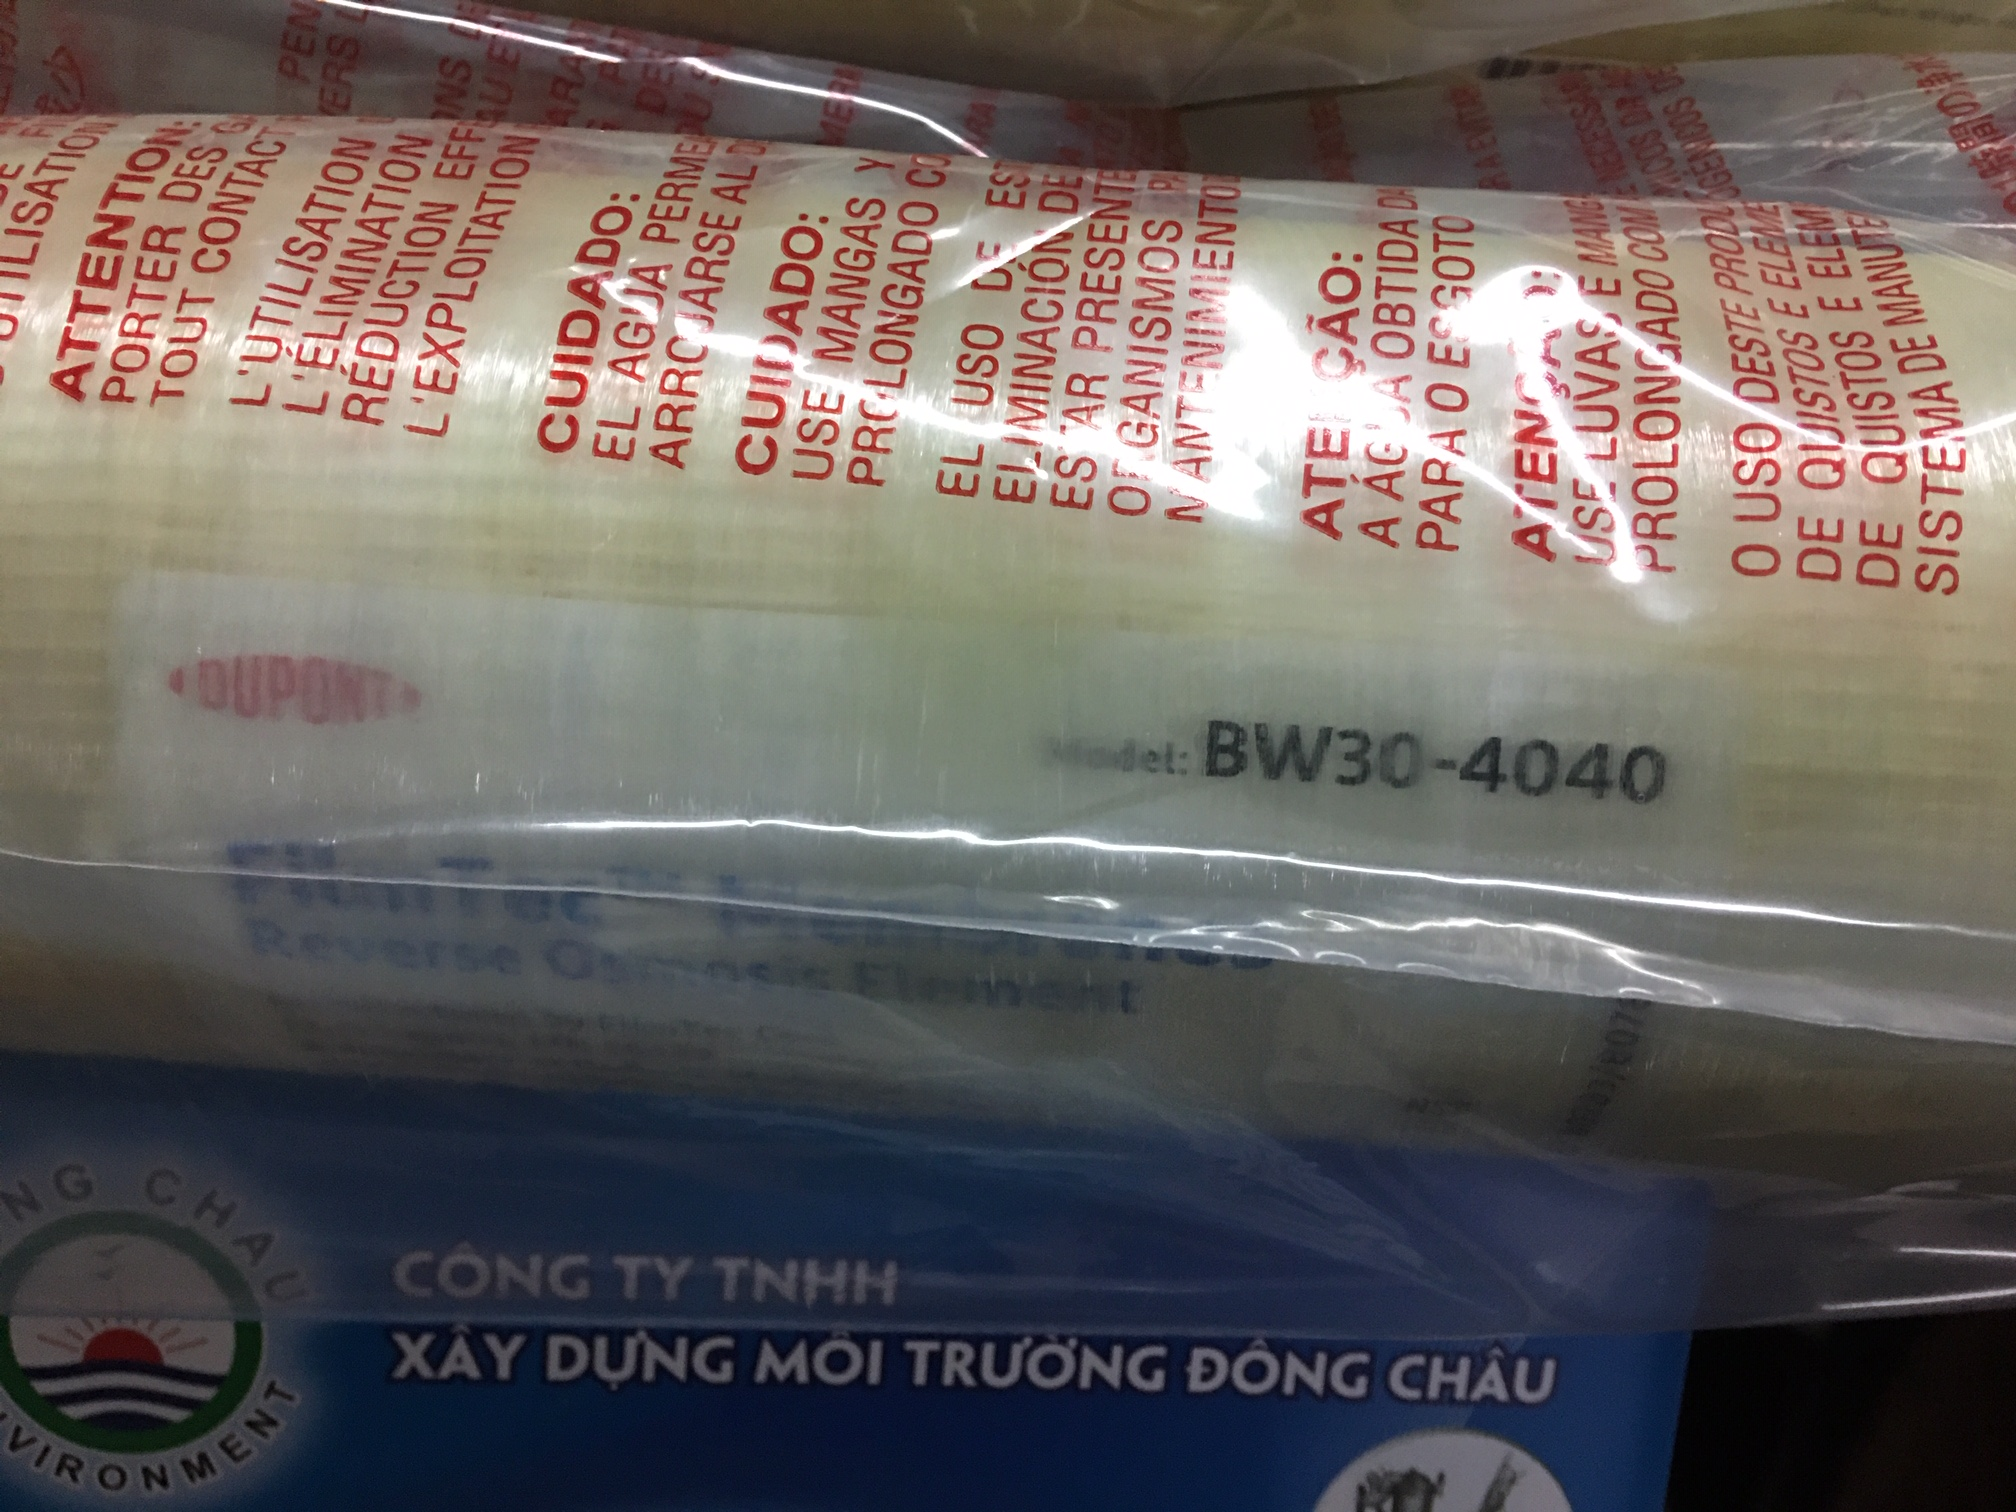 Màng lọc áp cao dupont bw30 4040